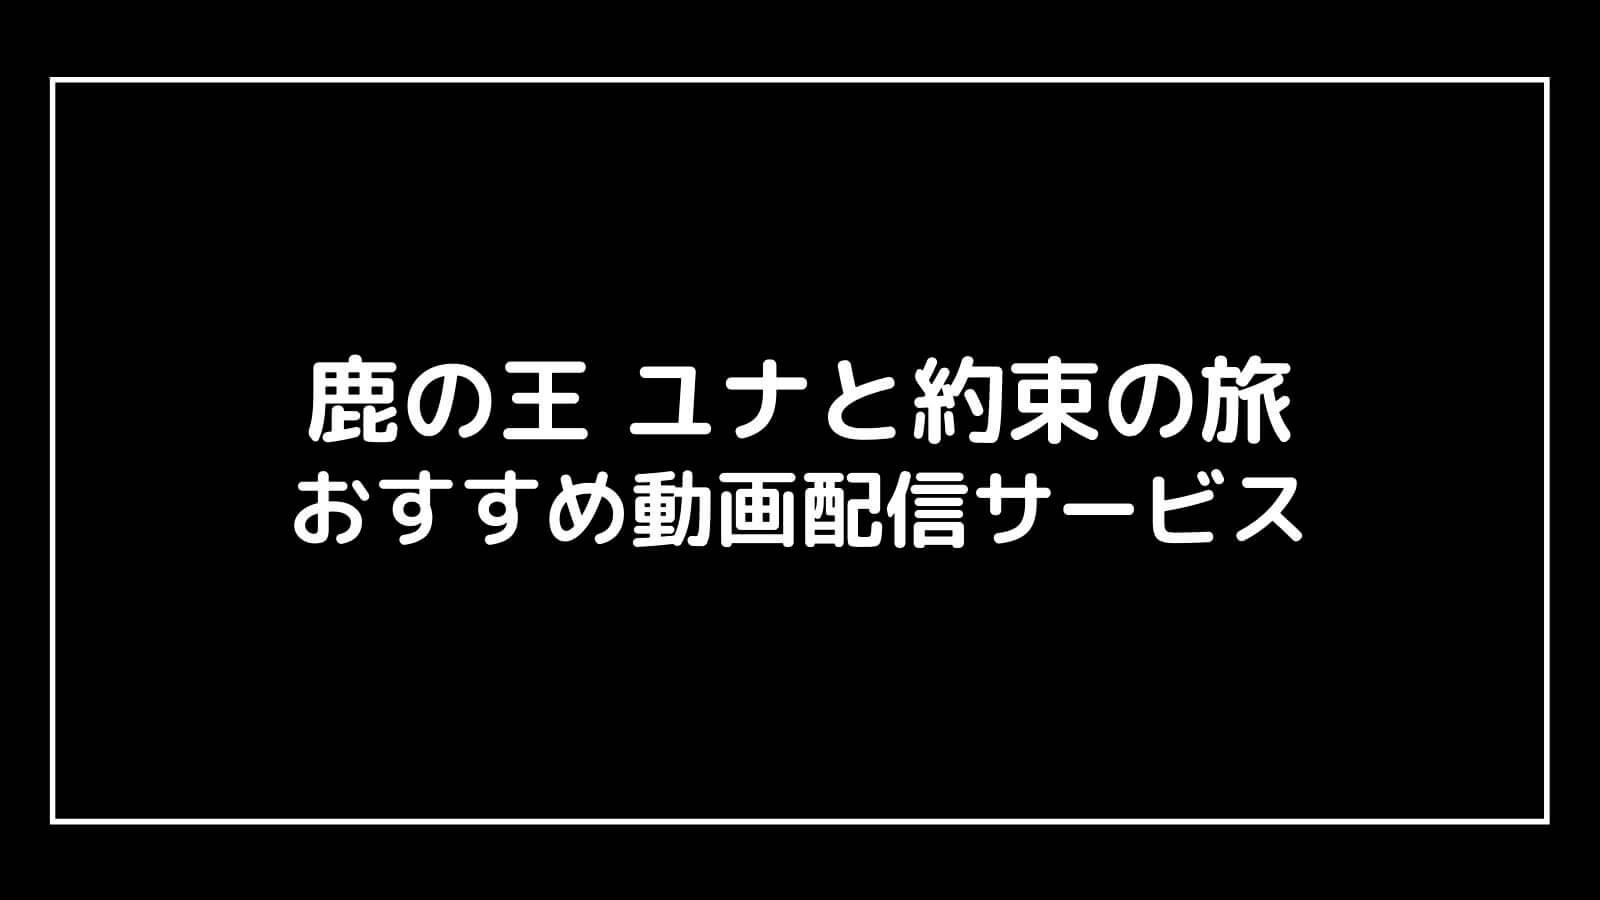 映画『鹿の王 ユナと約束の旅』を無料視聴できるおすすめ動画配信サイト